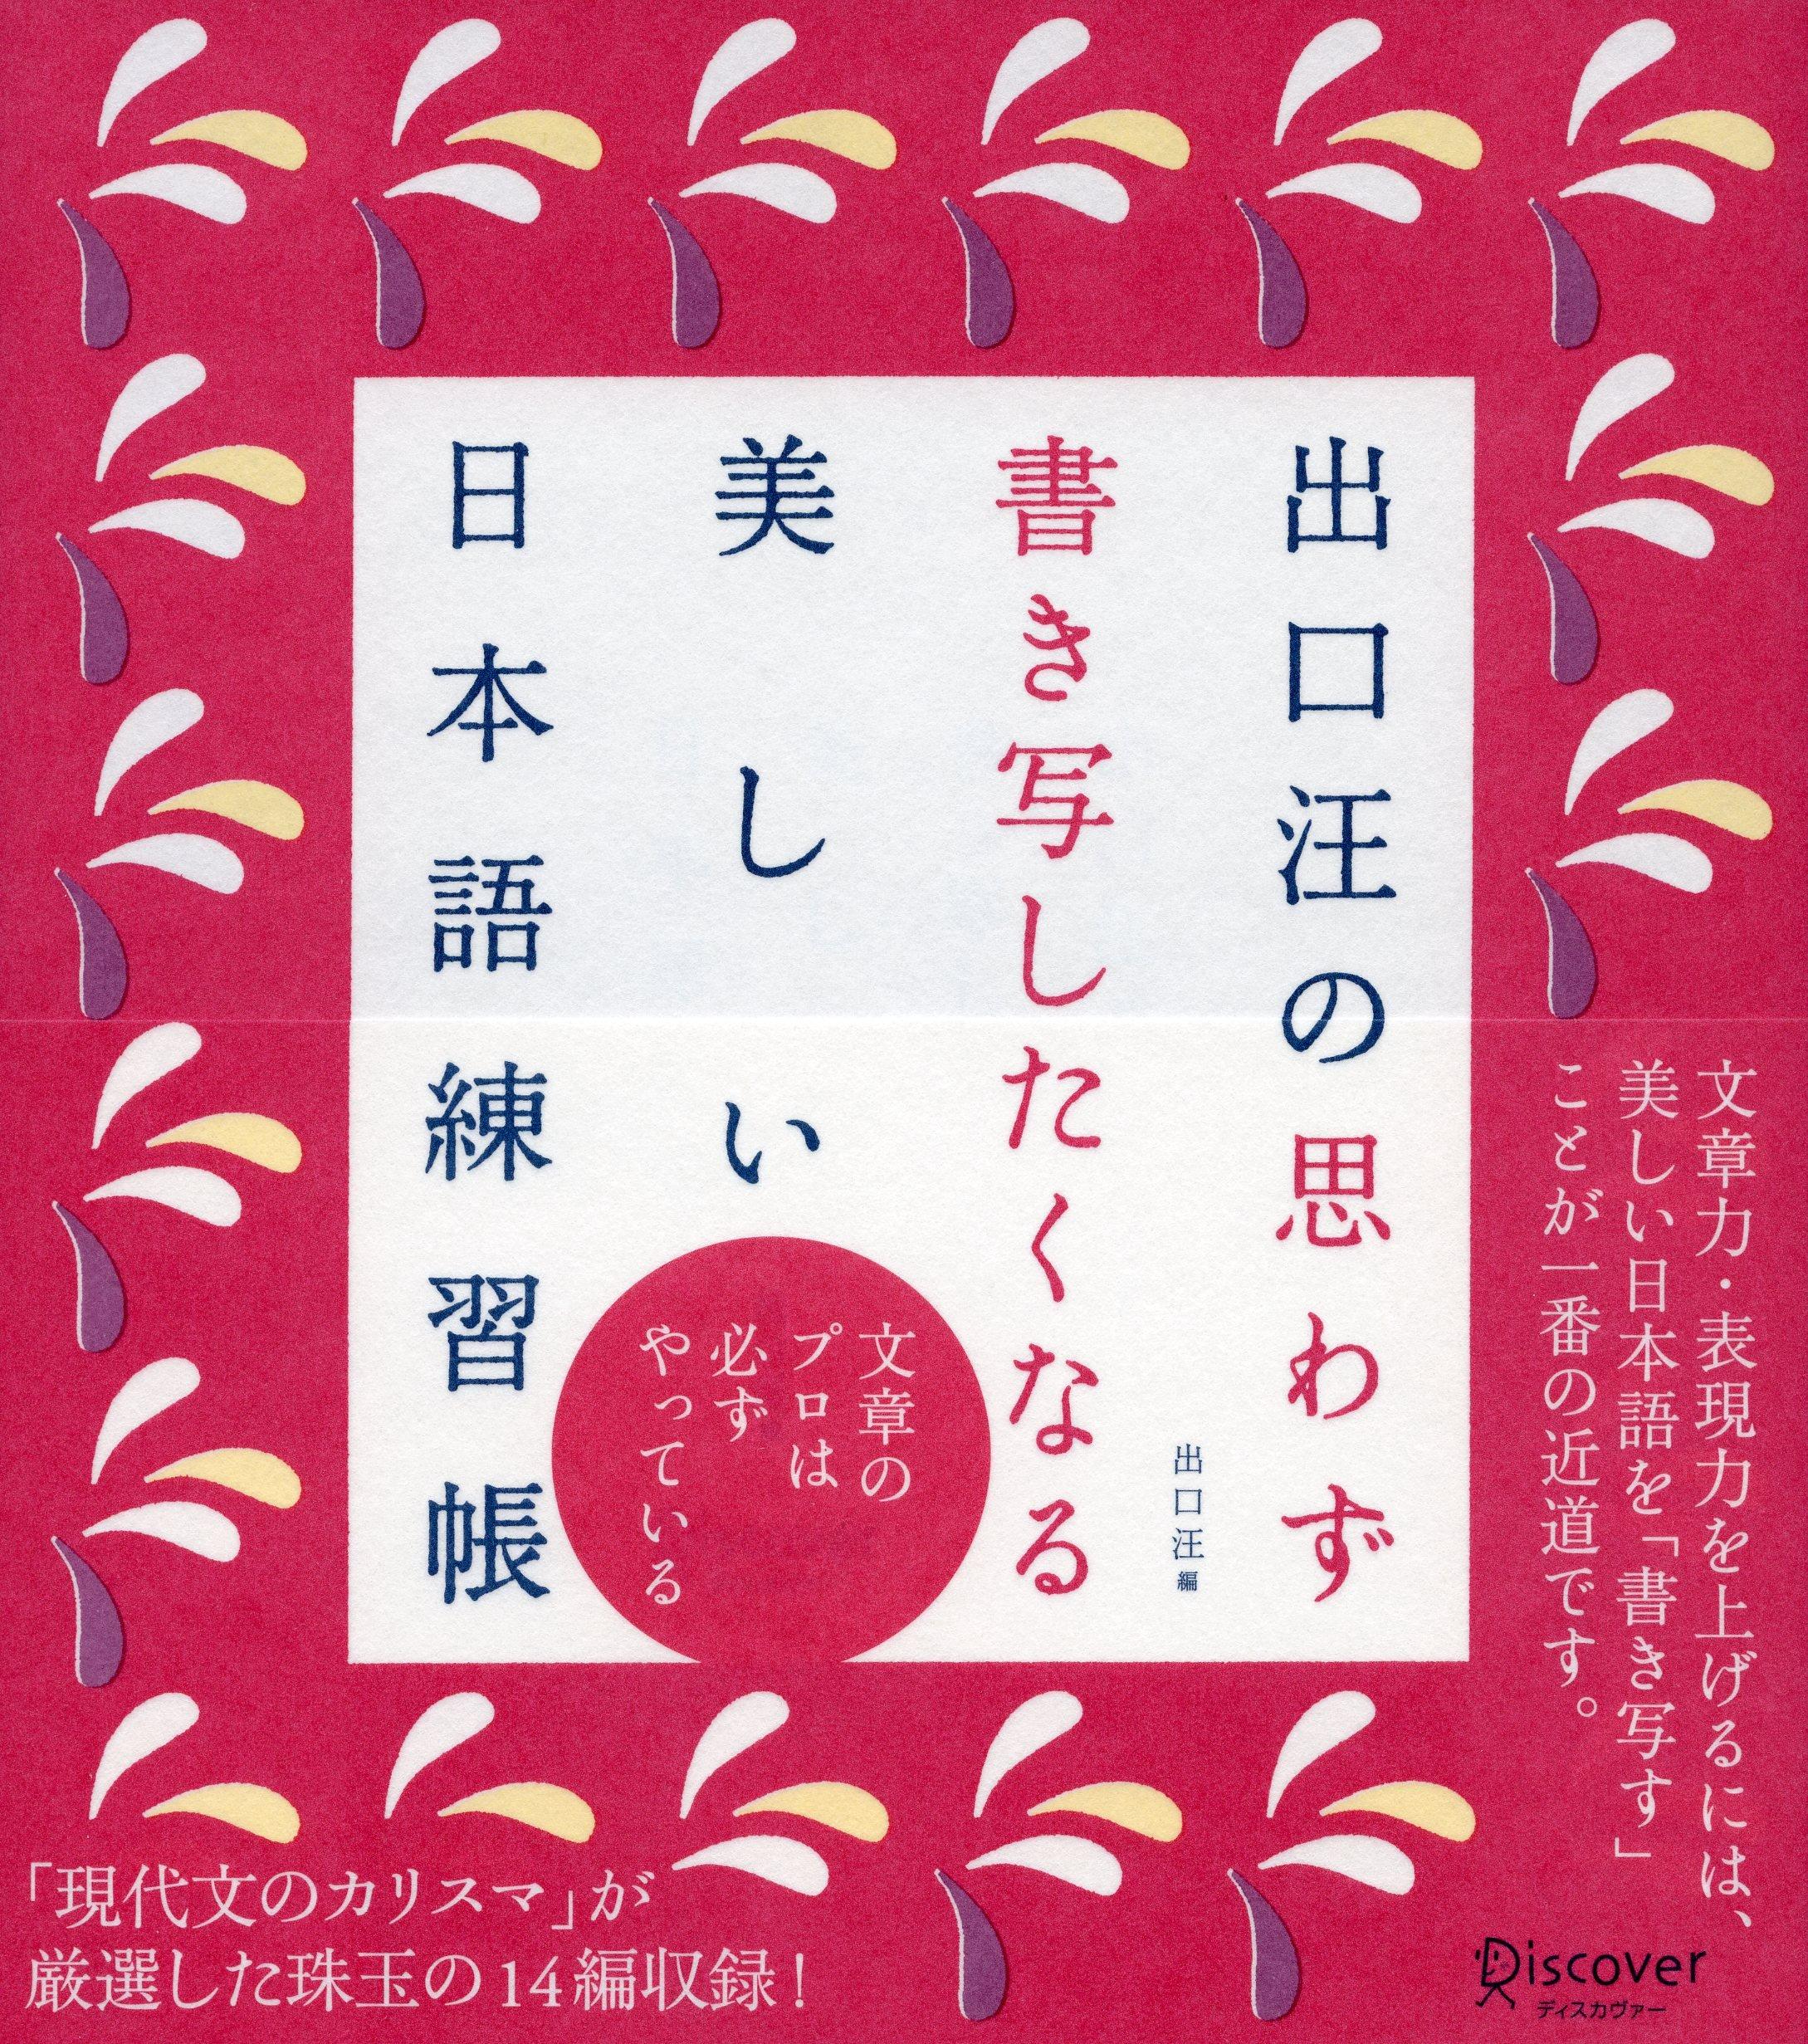 Deguchi hiroshi no omowazu kakiutsushitaku naru utsukushii nihongo renshūchō PDF